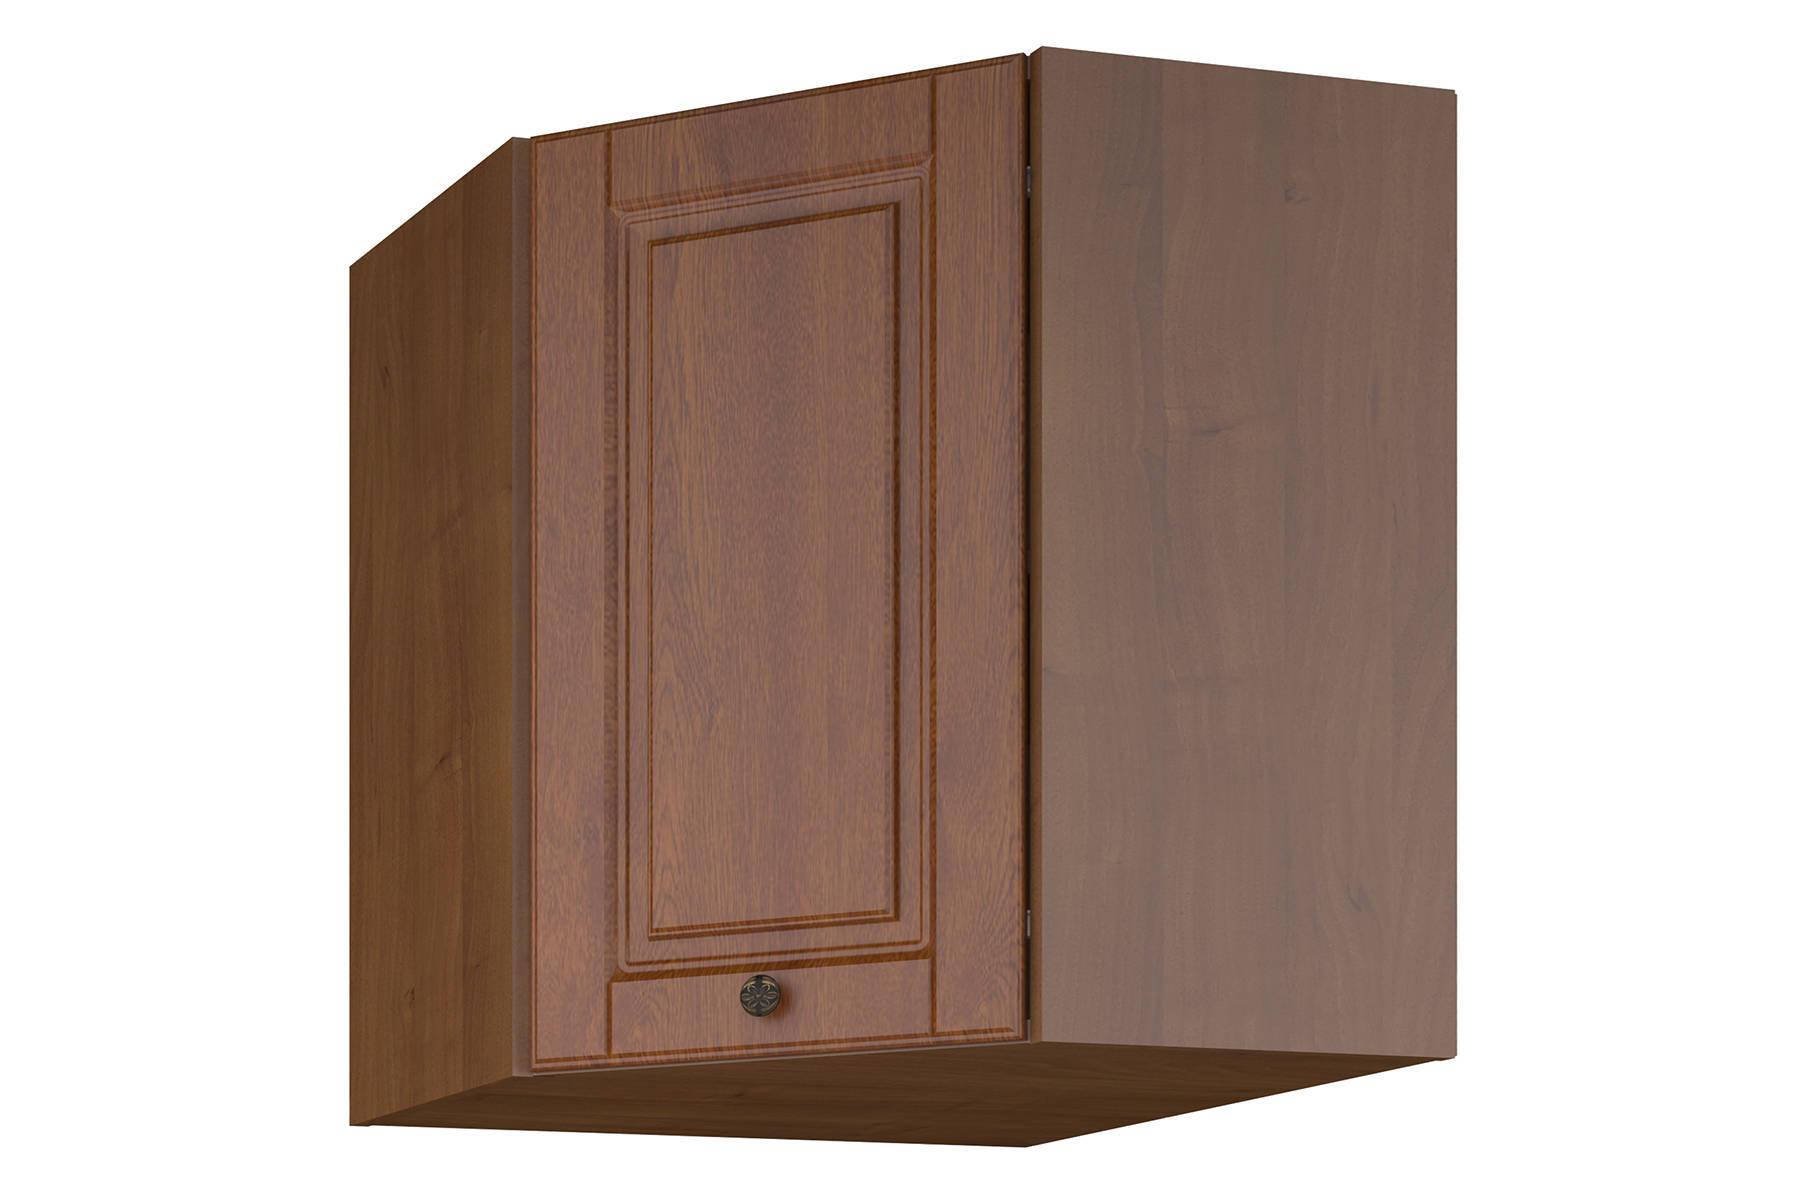 Шкаф навесной угловой Lima СТЛ.308.09 шкаф навесной для вытяжки lima стл 308 04